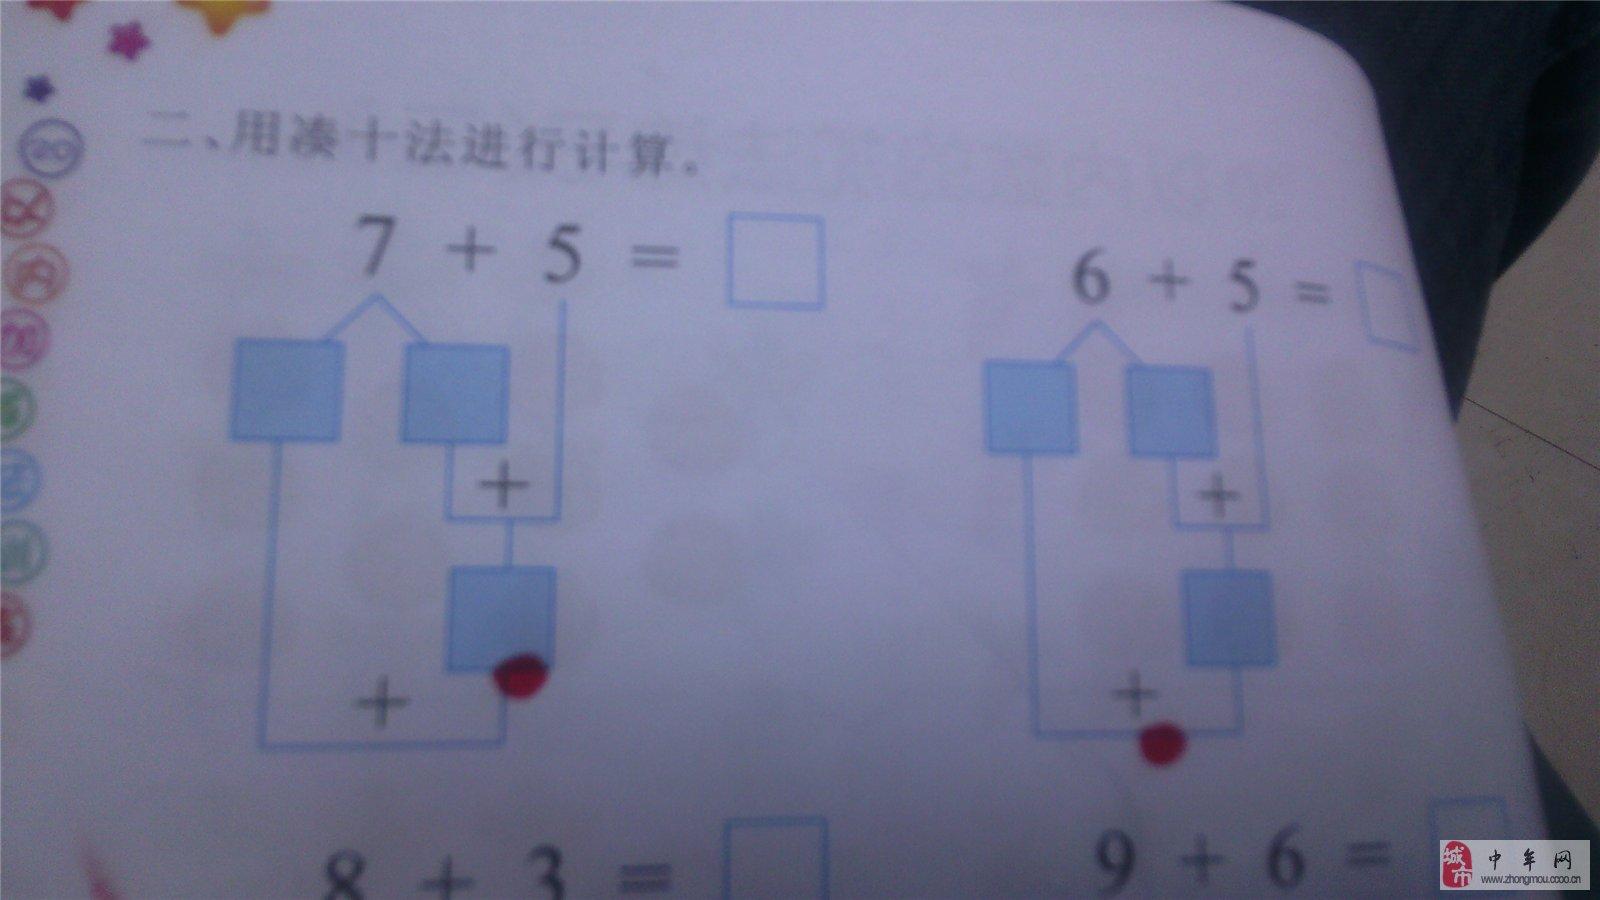 幼儿园的数学题竟把我难住了